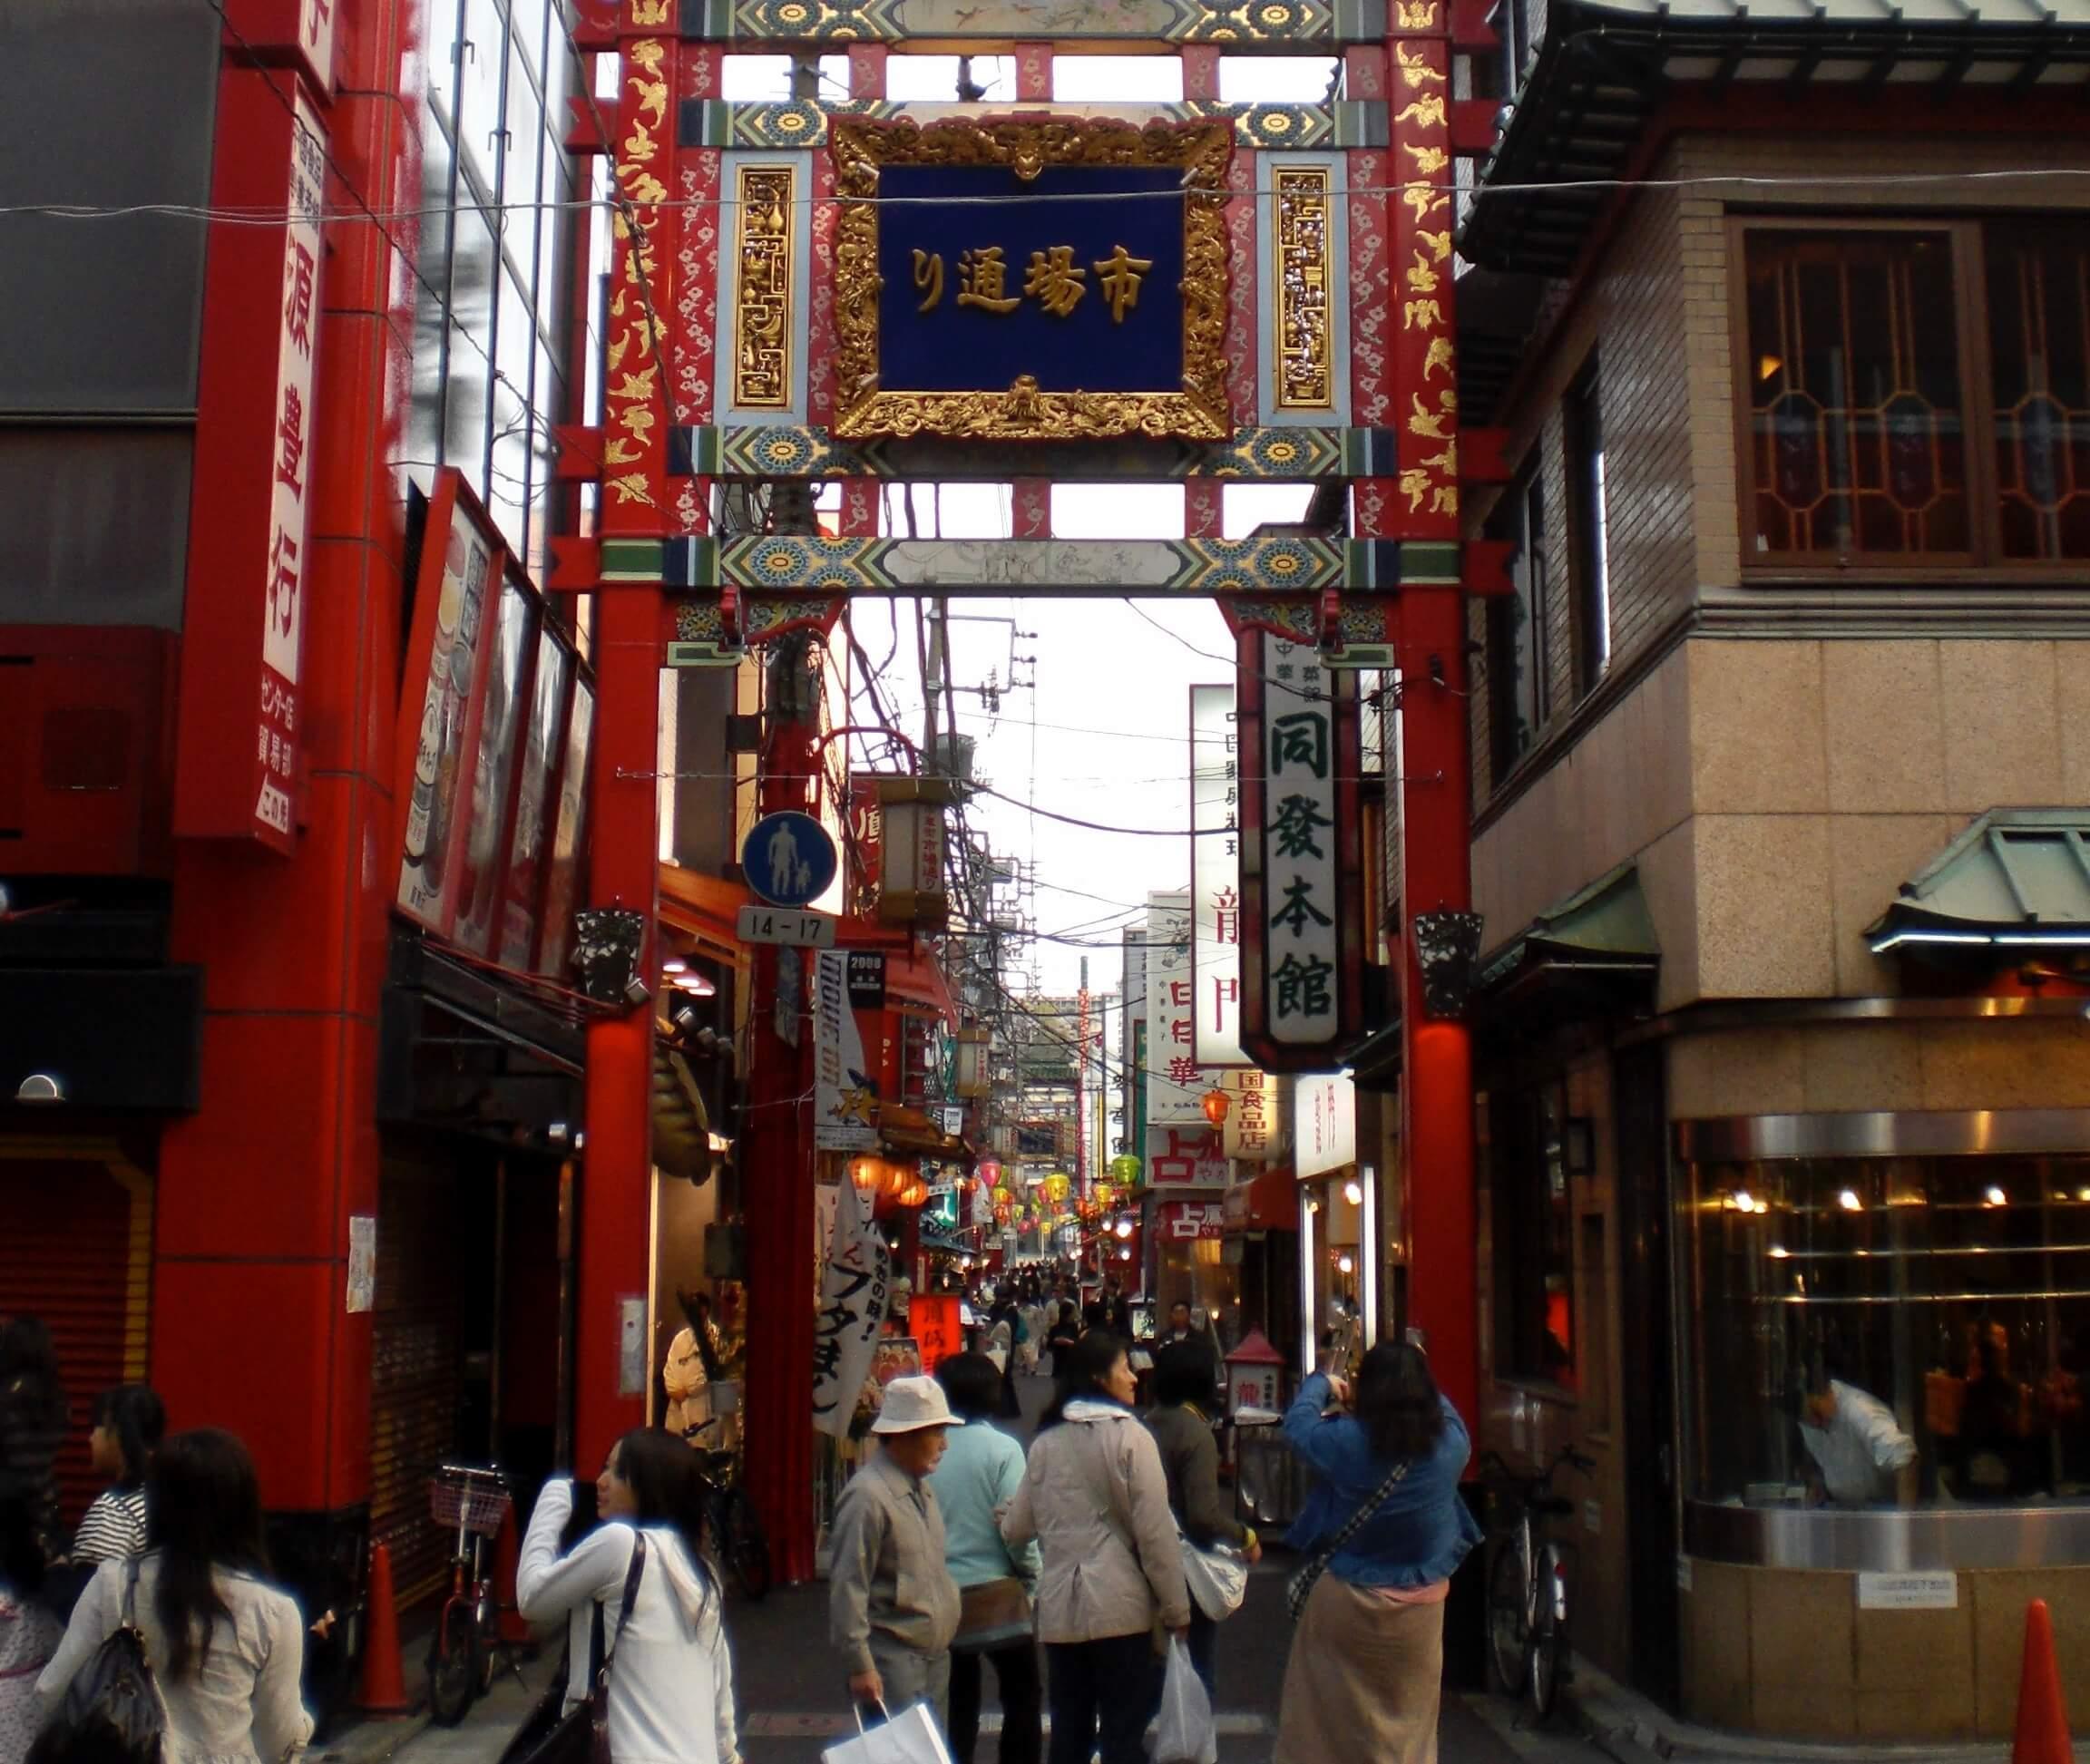 Yokohama Chukugai Chinatown